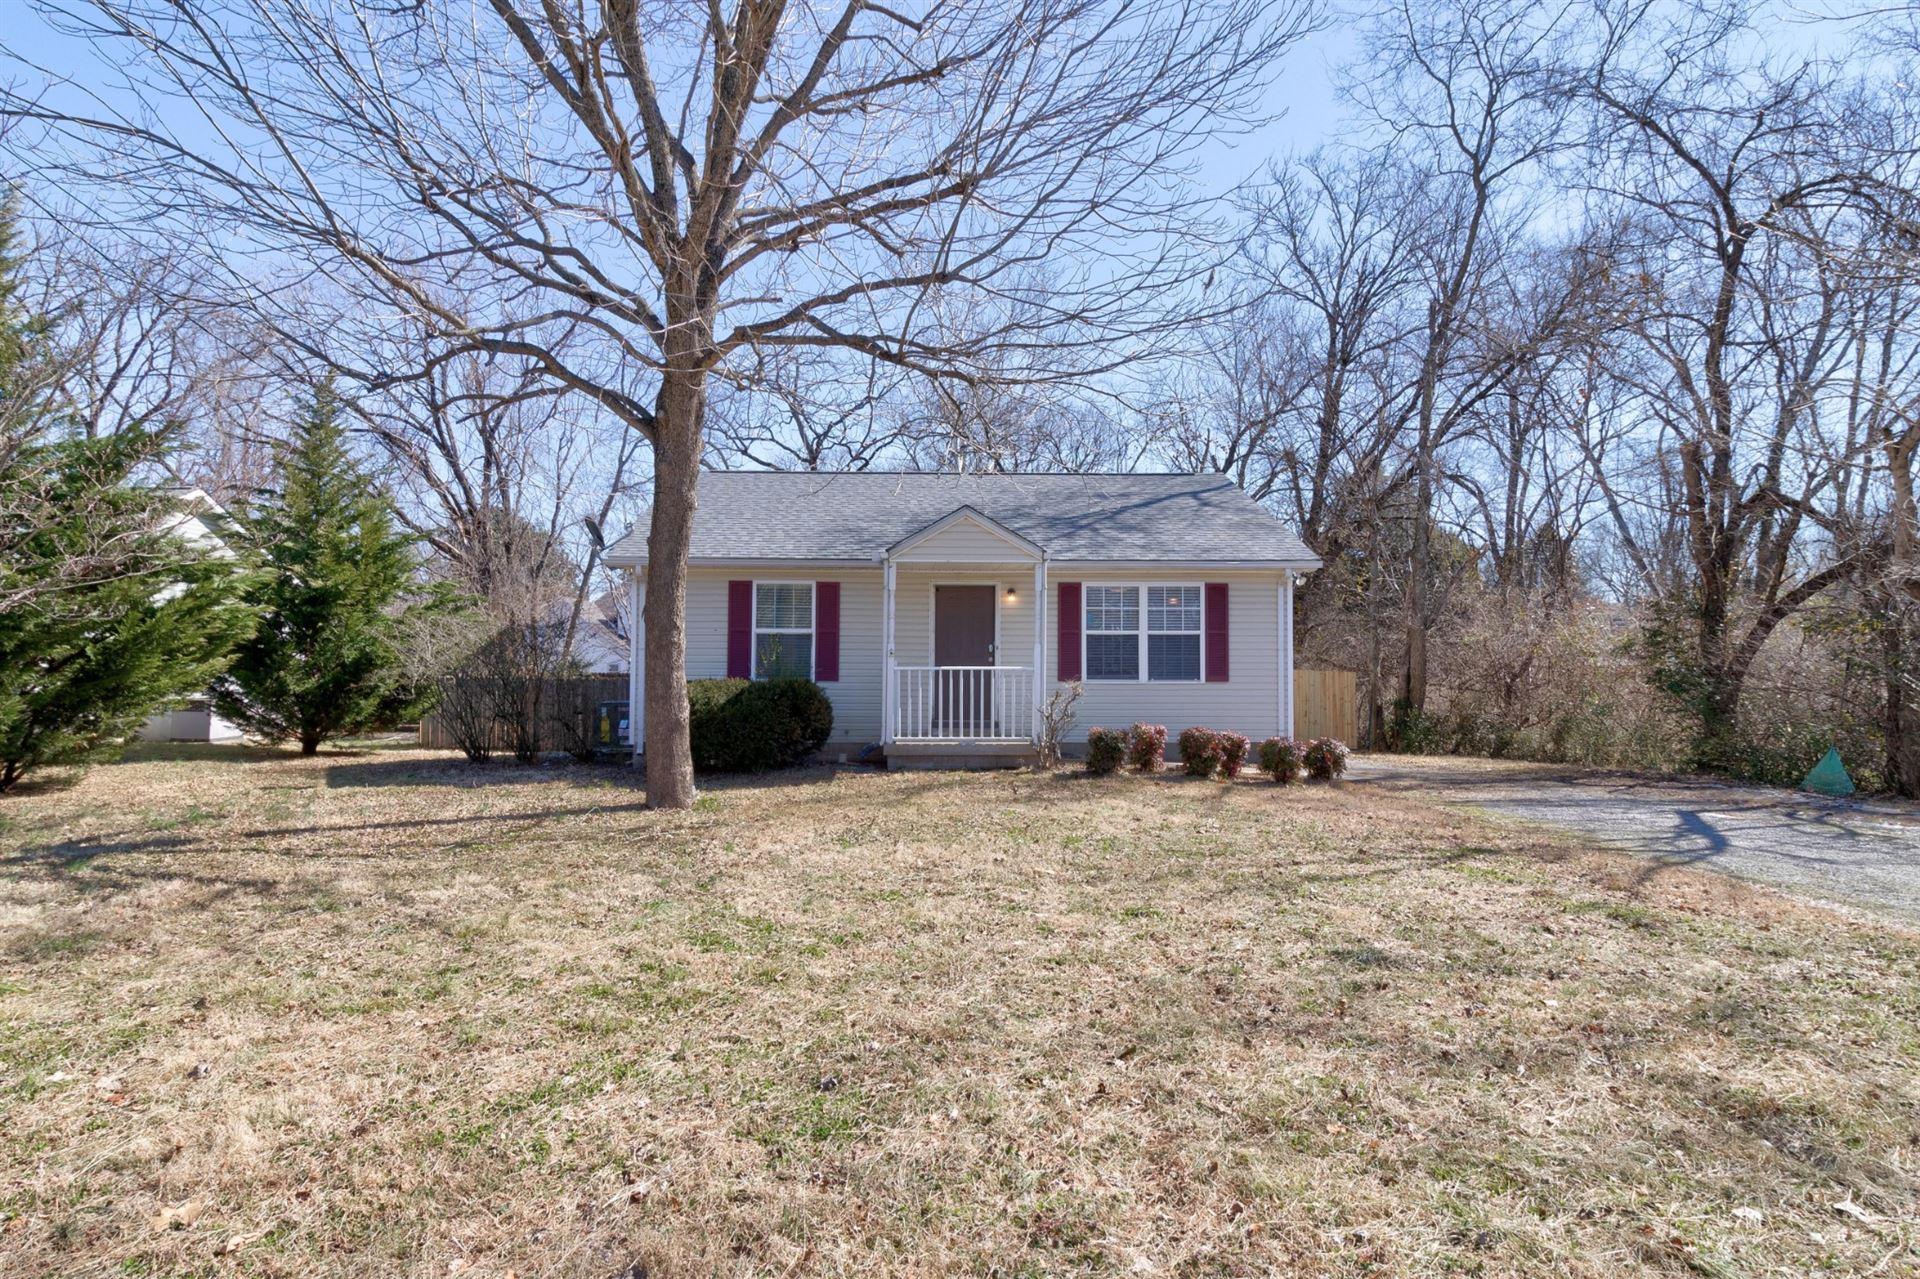 Photo of 734 N Walnut St, Murfreesboro, TN 37130 (MLS # 2230502)